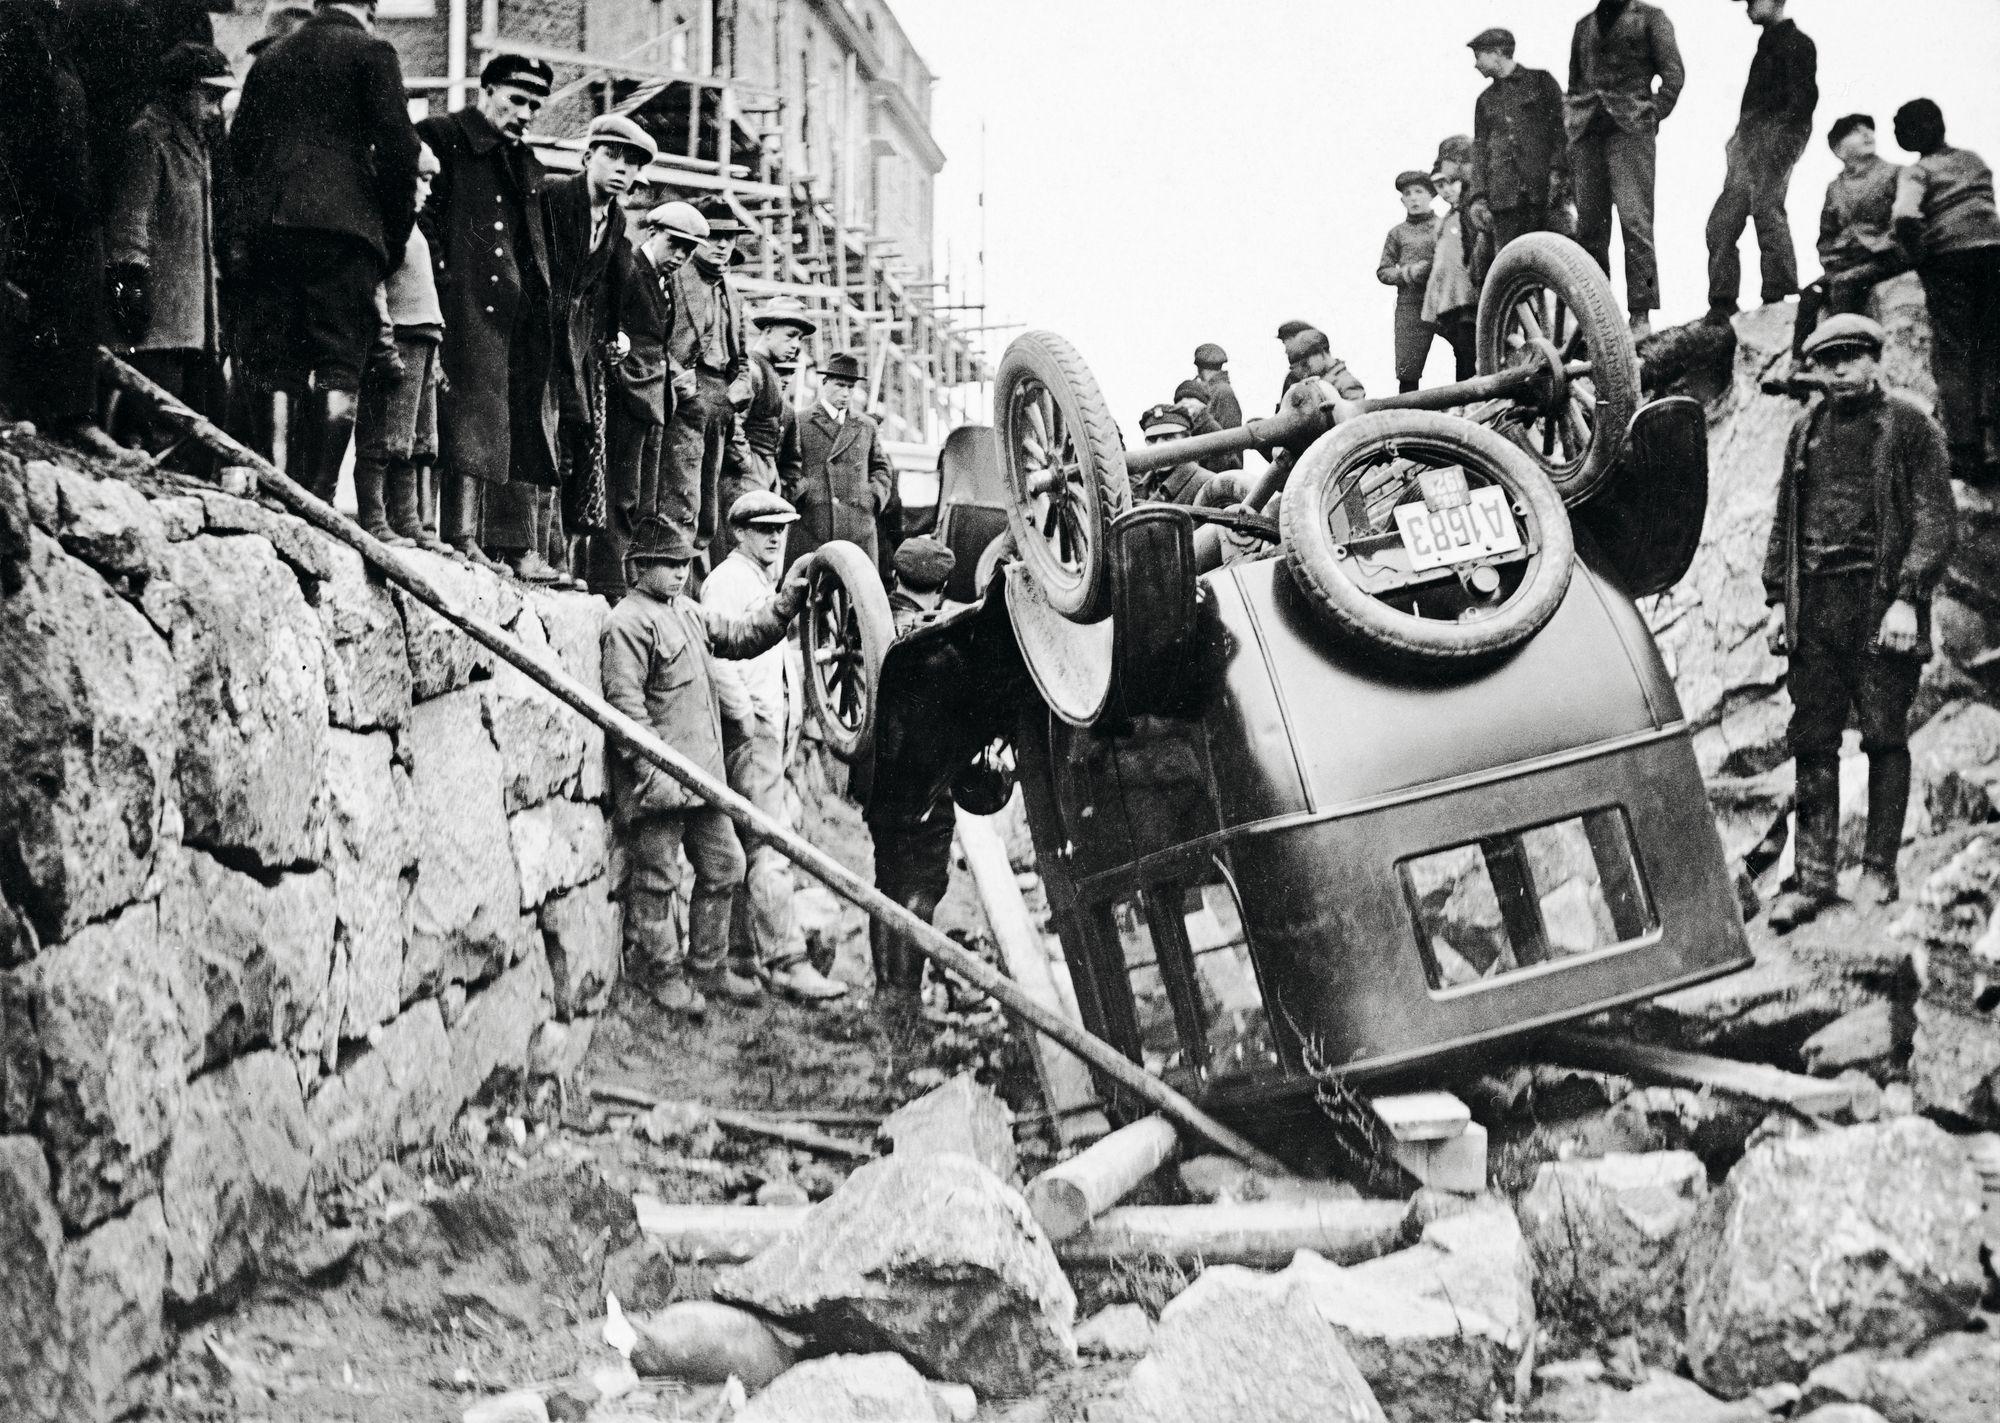 Aikansa kiikkerille automobiileille tyypillinen onnettomuus: nurinmeno Helsingin Fleminginkadulla 31.10.1925. © Otava/Museovirasto